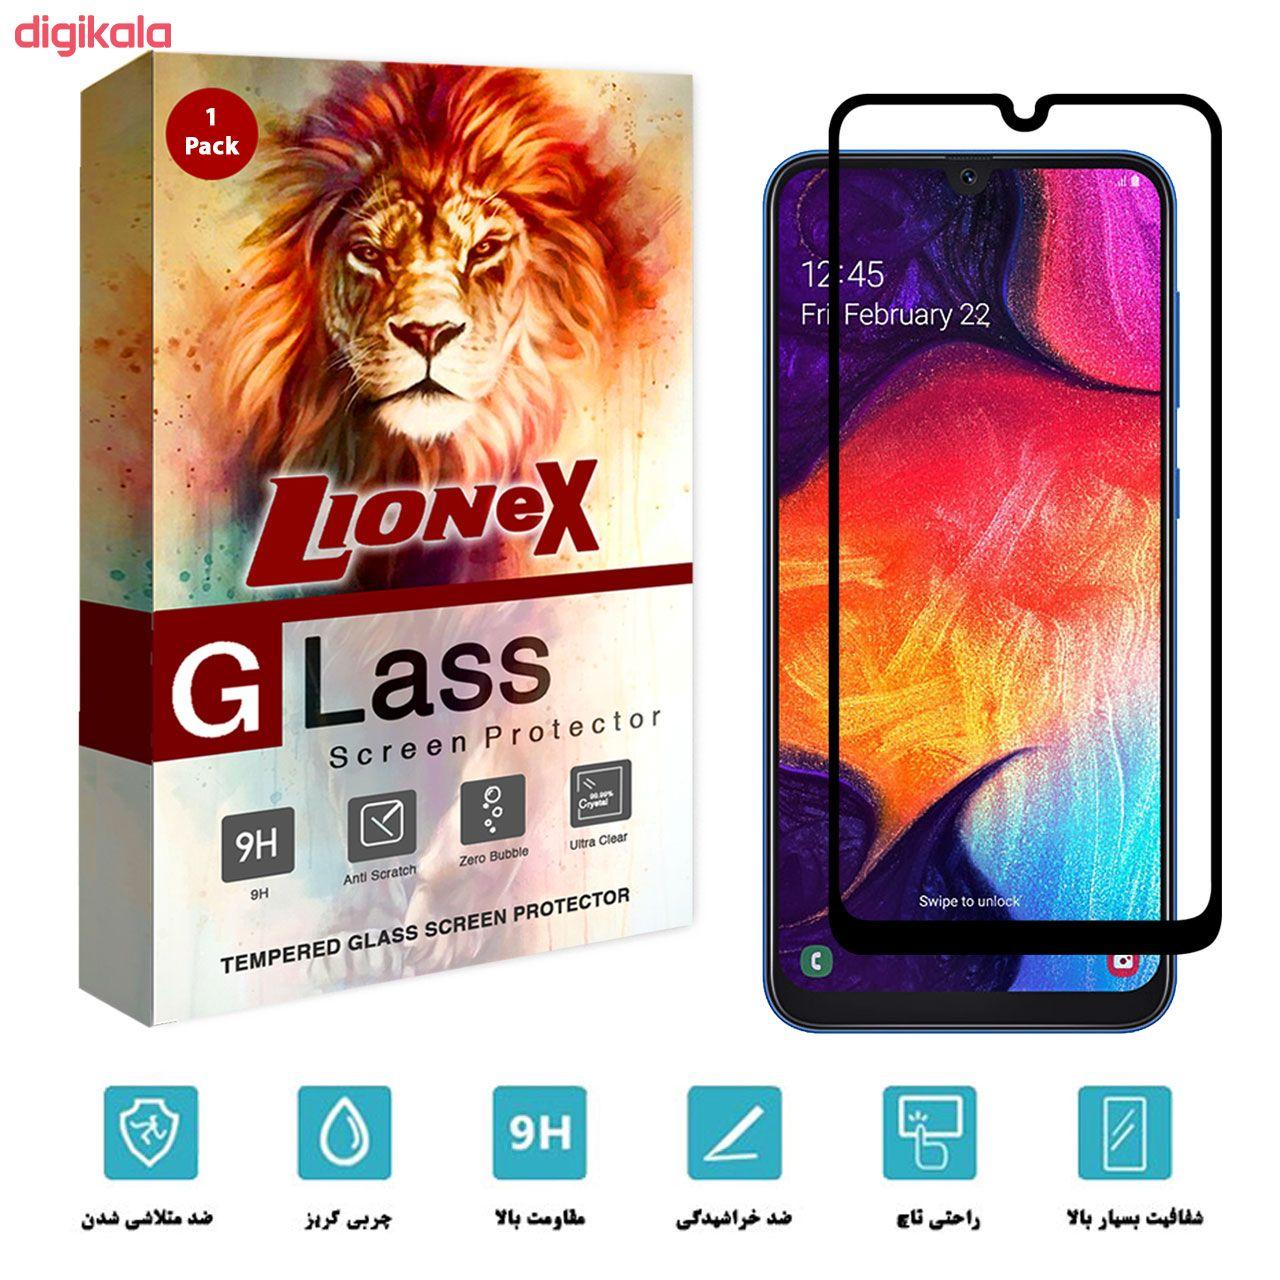 محافظ صفحه نمایش 5D لایونکس مدل USS مناسب برای گوشی موبایل سامسونگ Galaxy A50 main 1 2